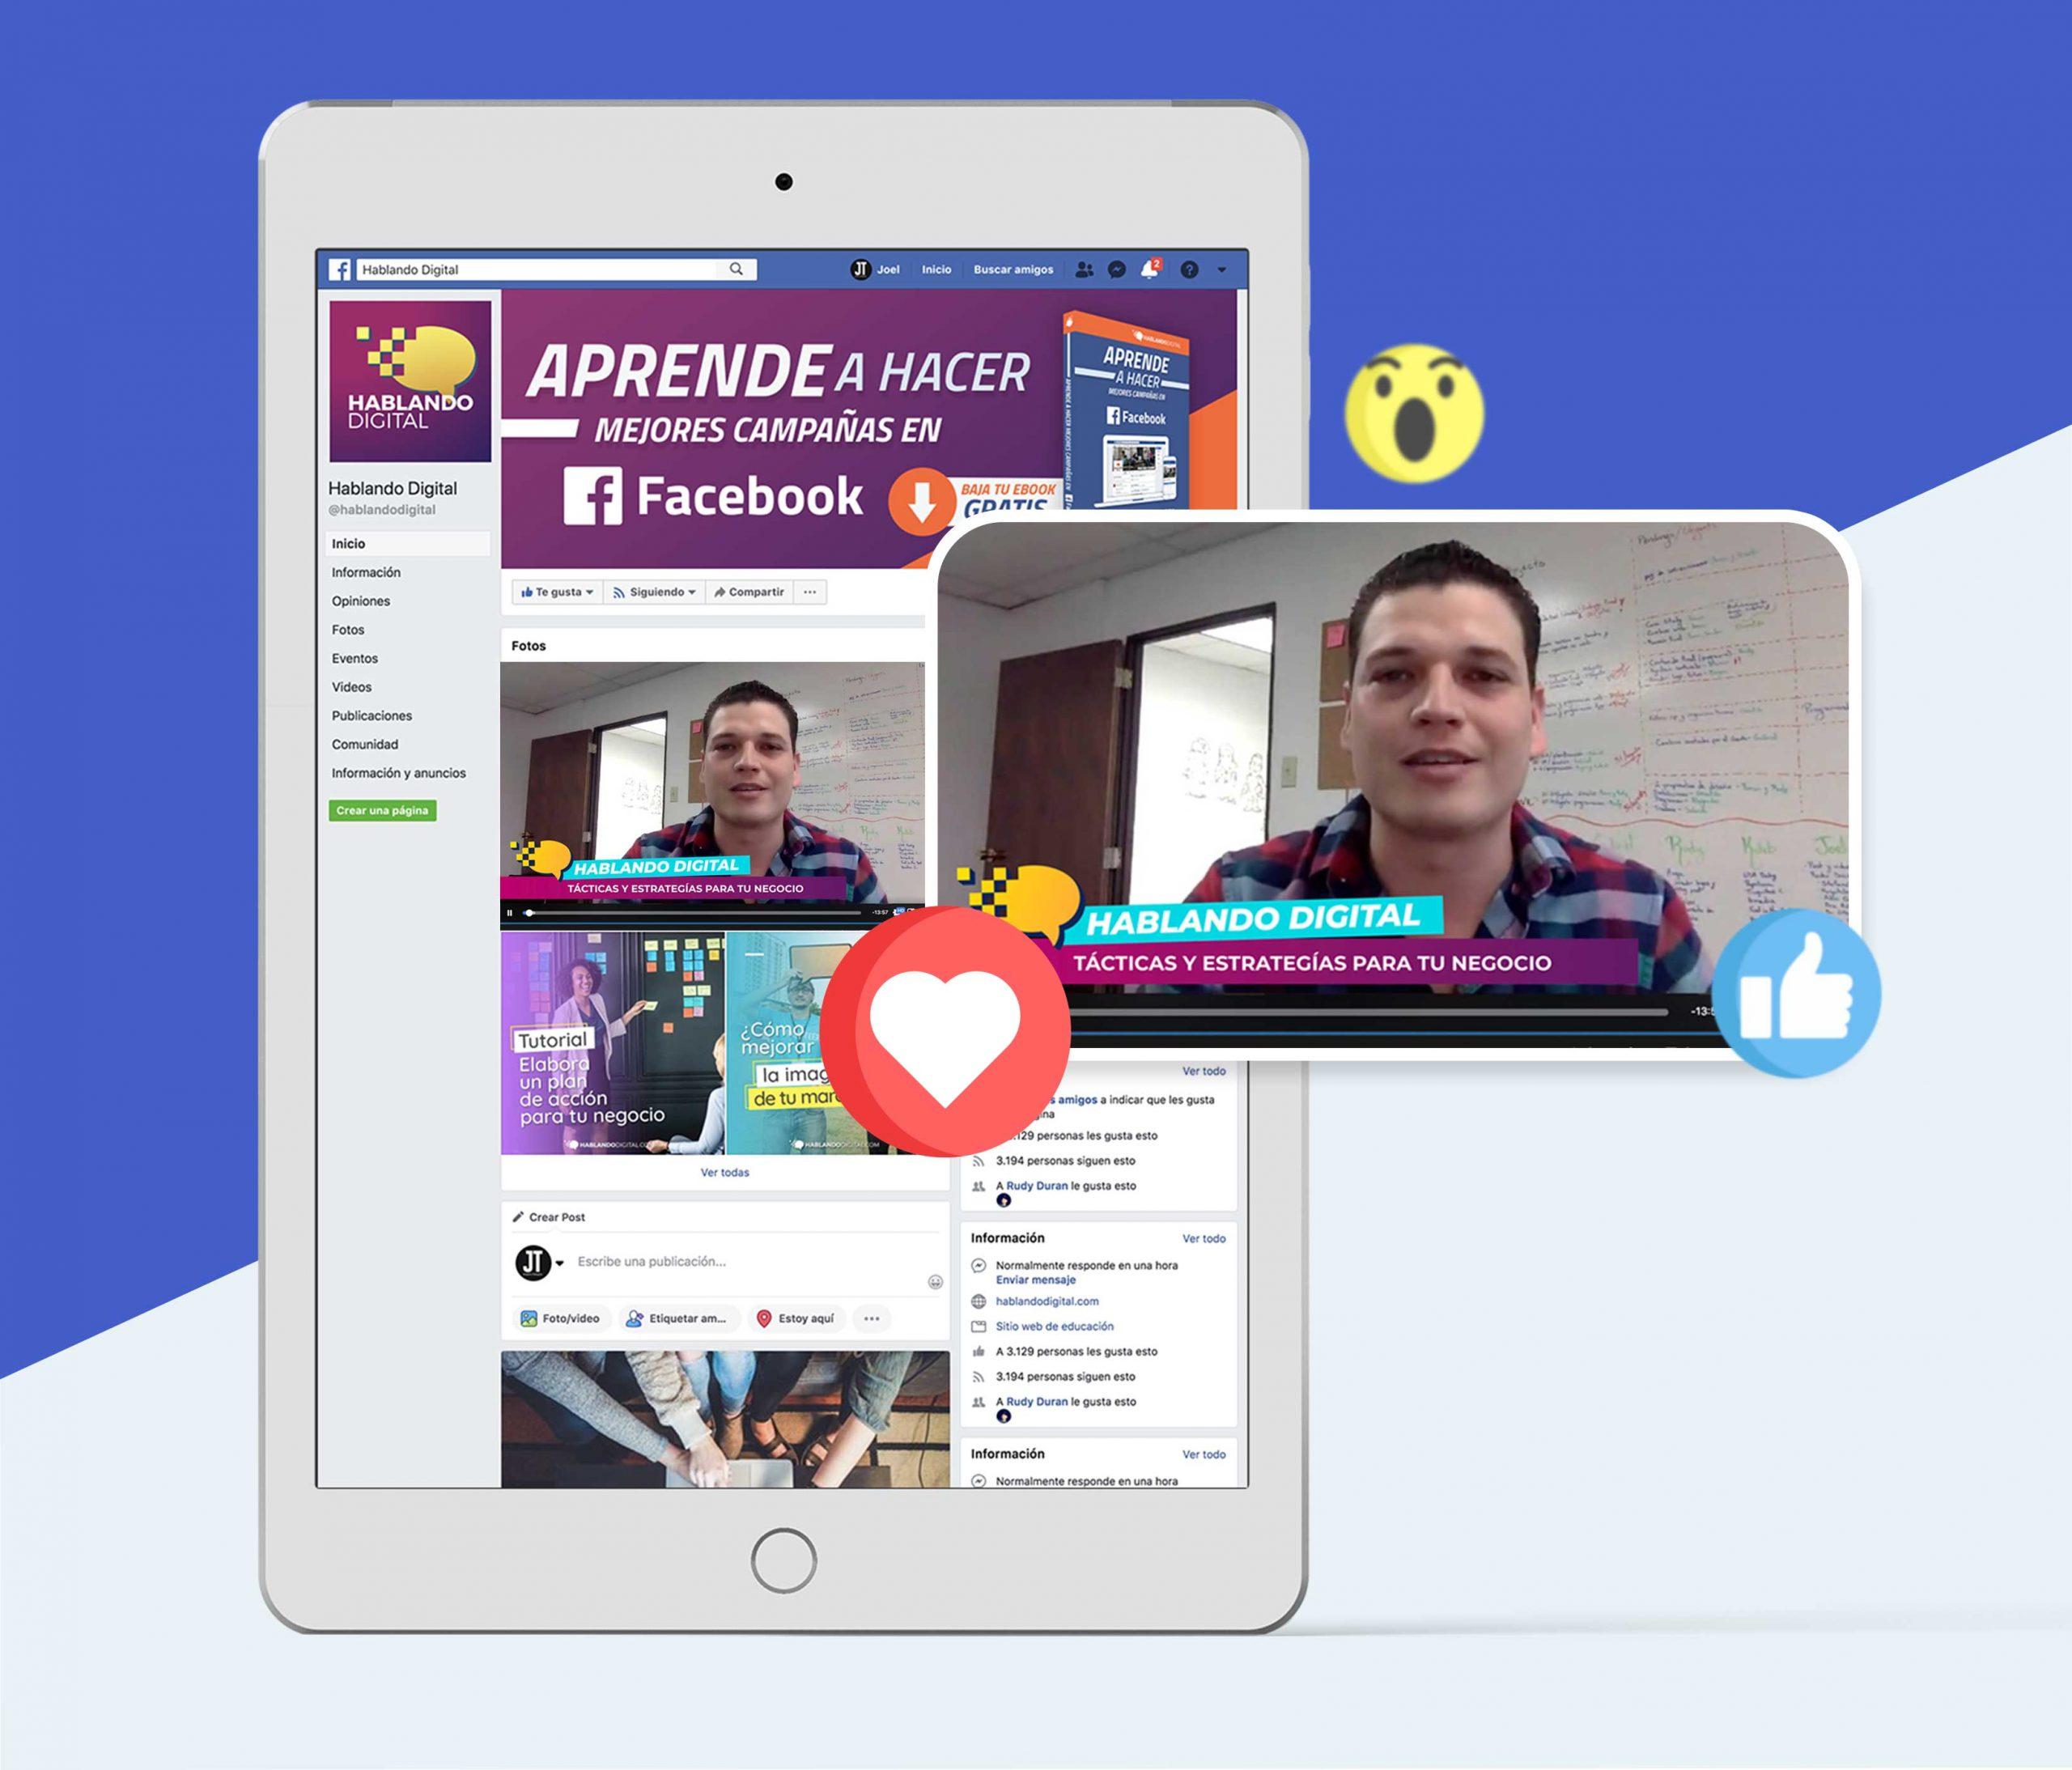 Aprende hacer mejores campañas en Facebook con hablando digital